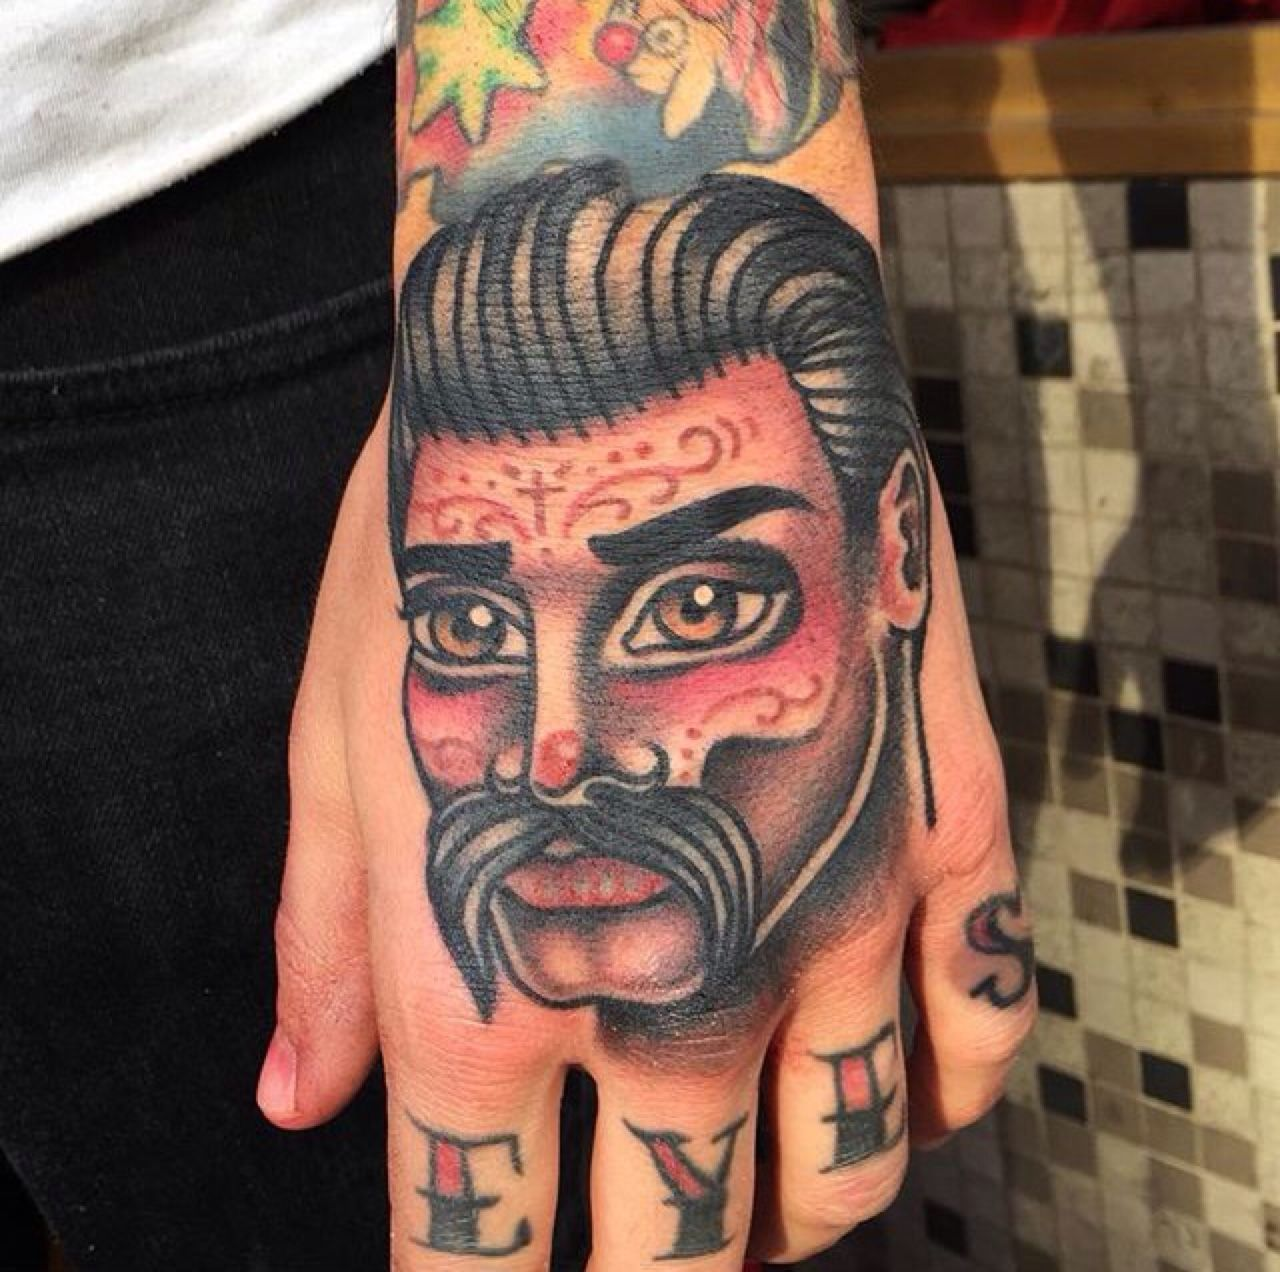 Pin de Matt Vigil em tattoos Tatuagem na mão, Tatuagem